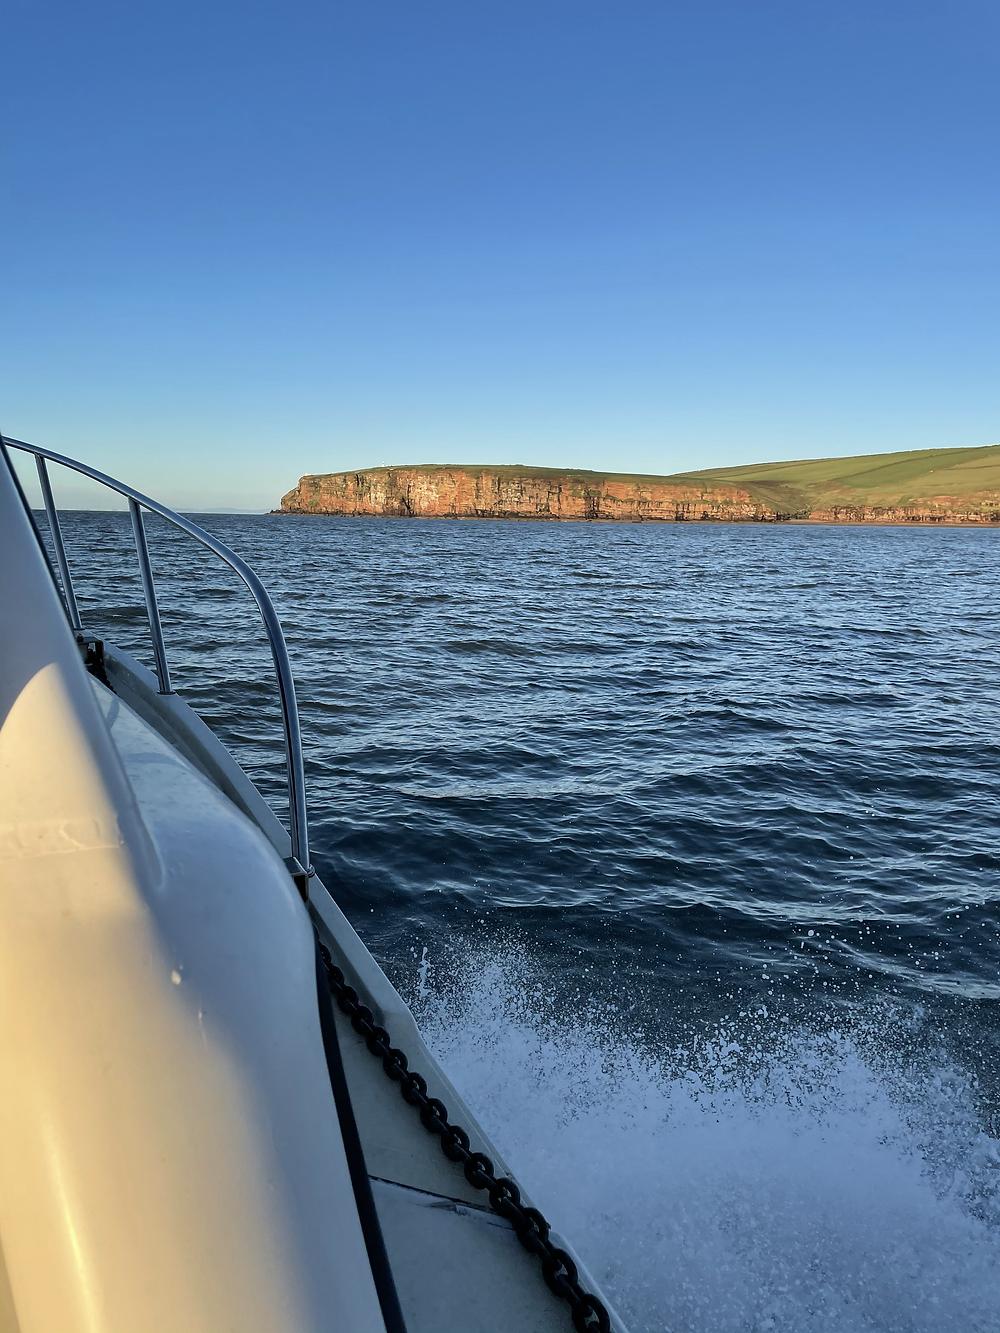 Fyne Explorer heading for Whitehaven